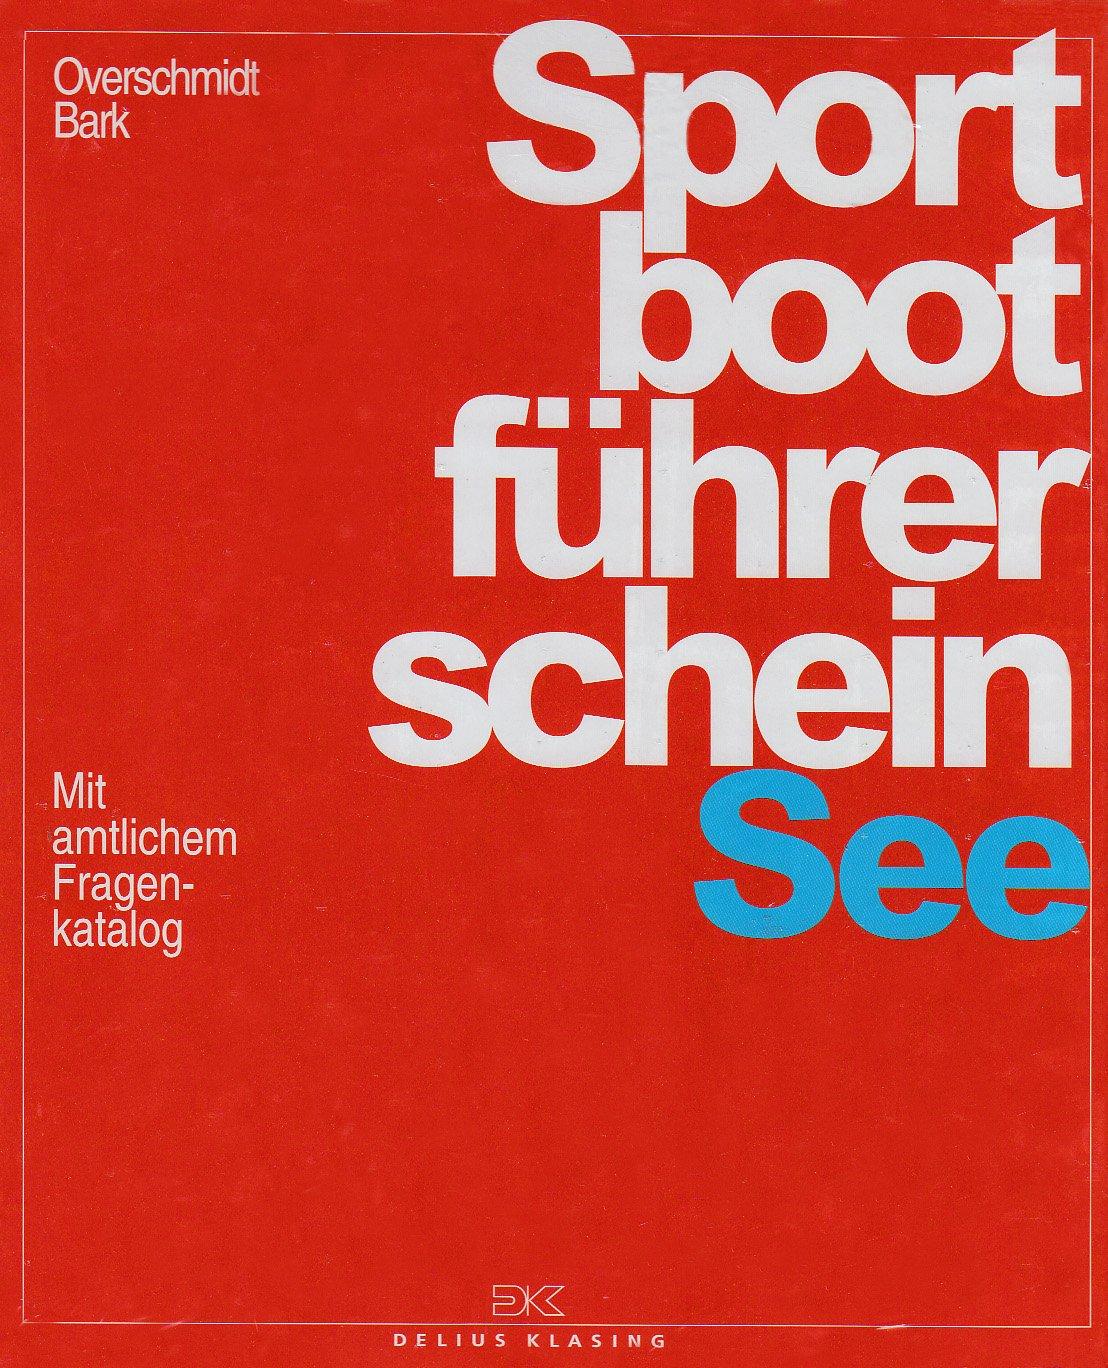 sportbootfhrerschein-see-lehrbuch-inkl-beilage-mit-amtlichem-fragenkatalog